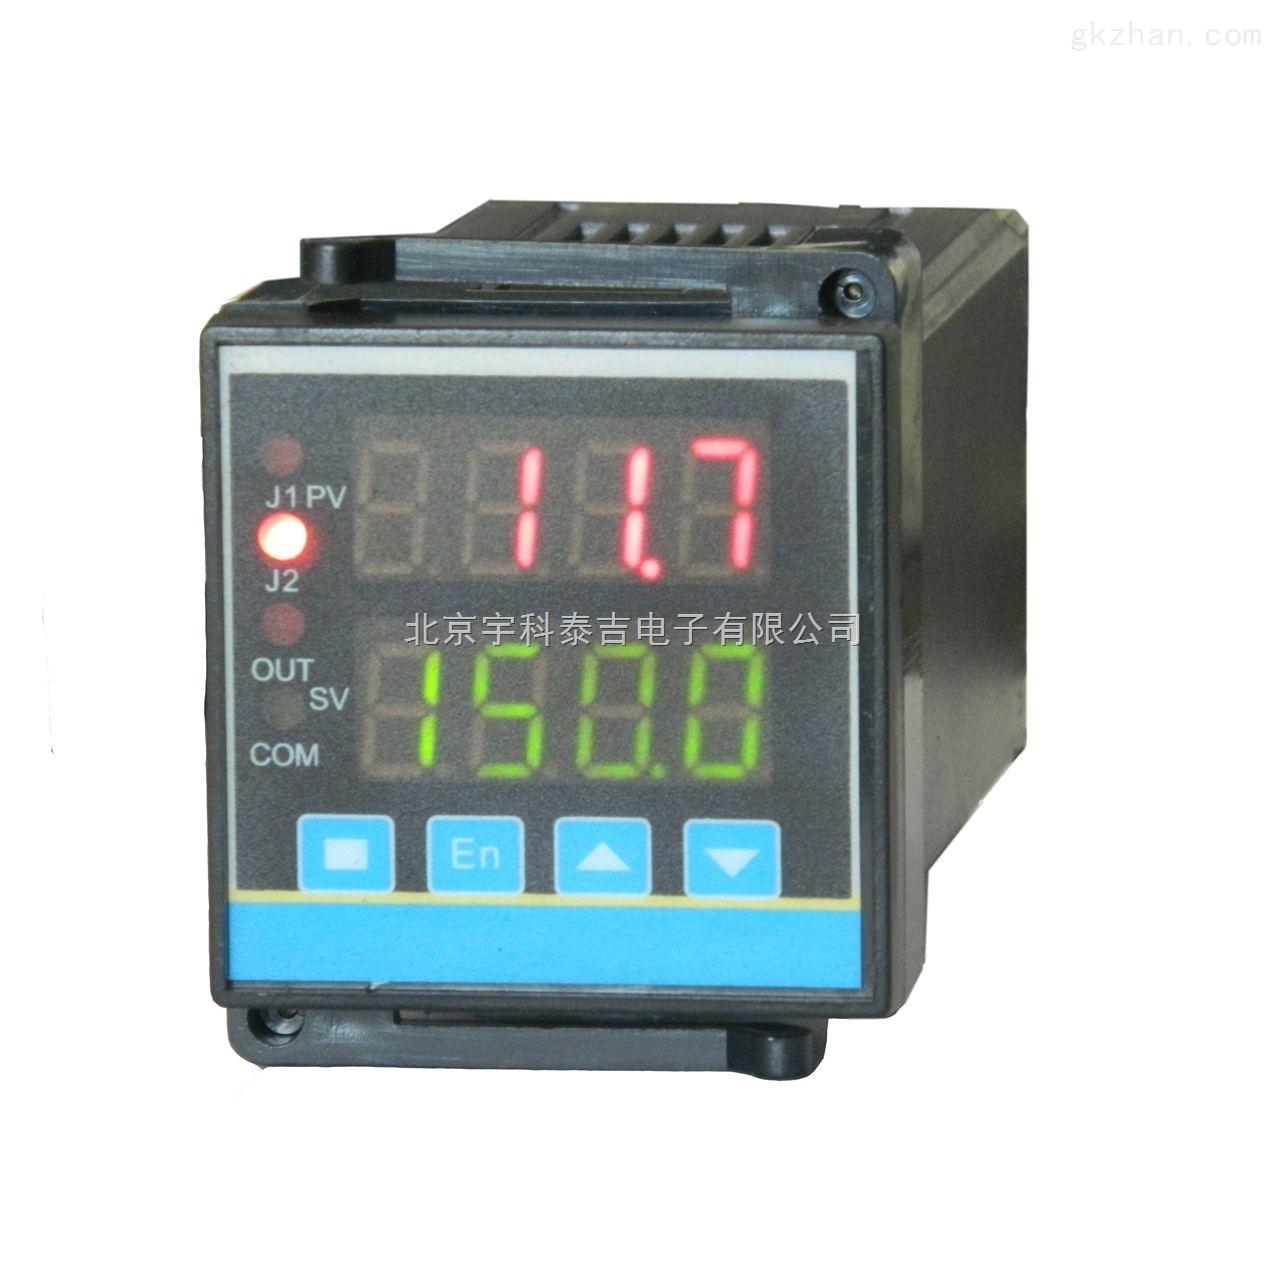 宇科泰吉YK-12WSF智能温湿度数显数字显示控制仪